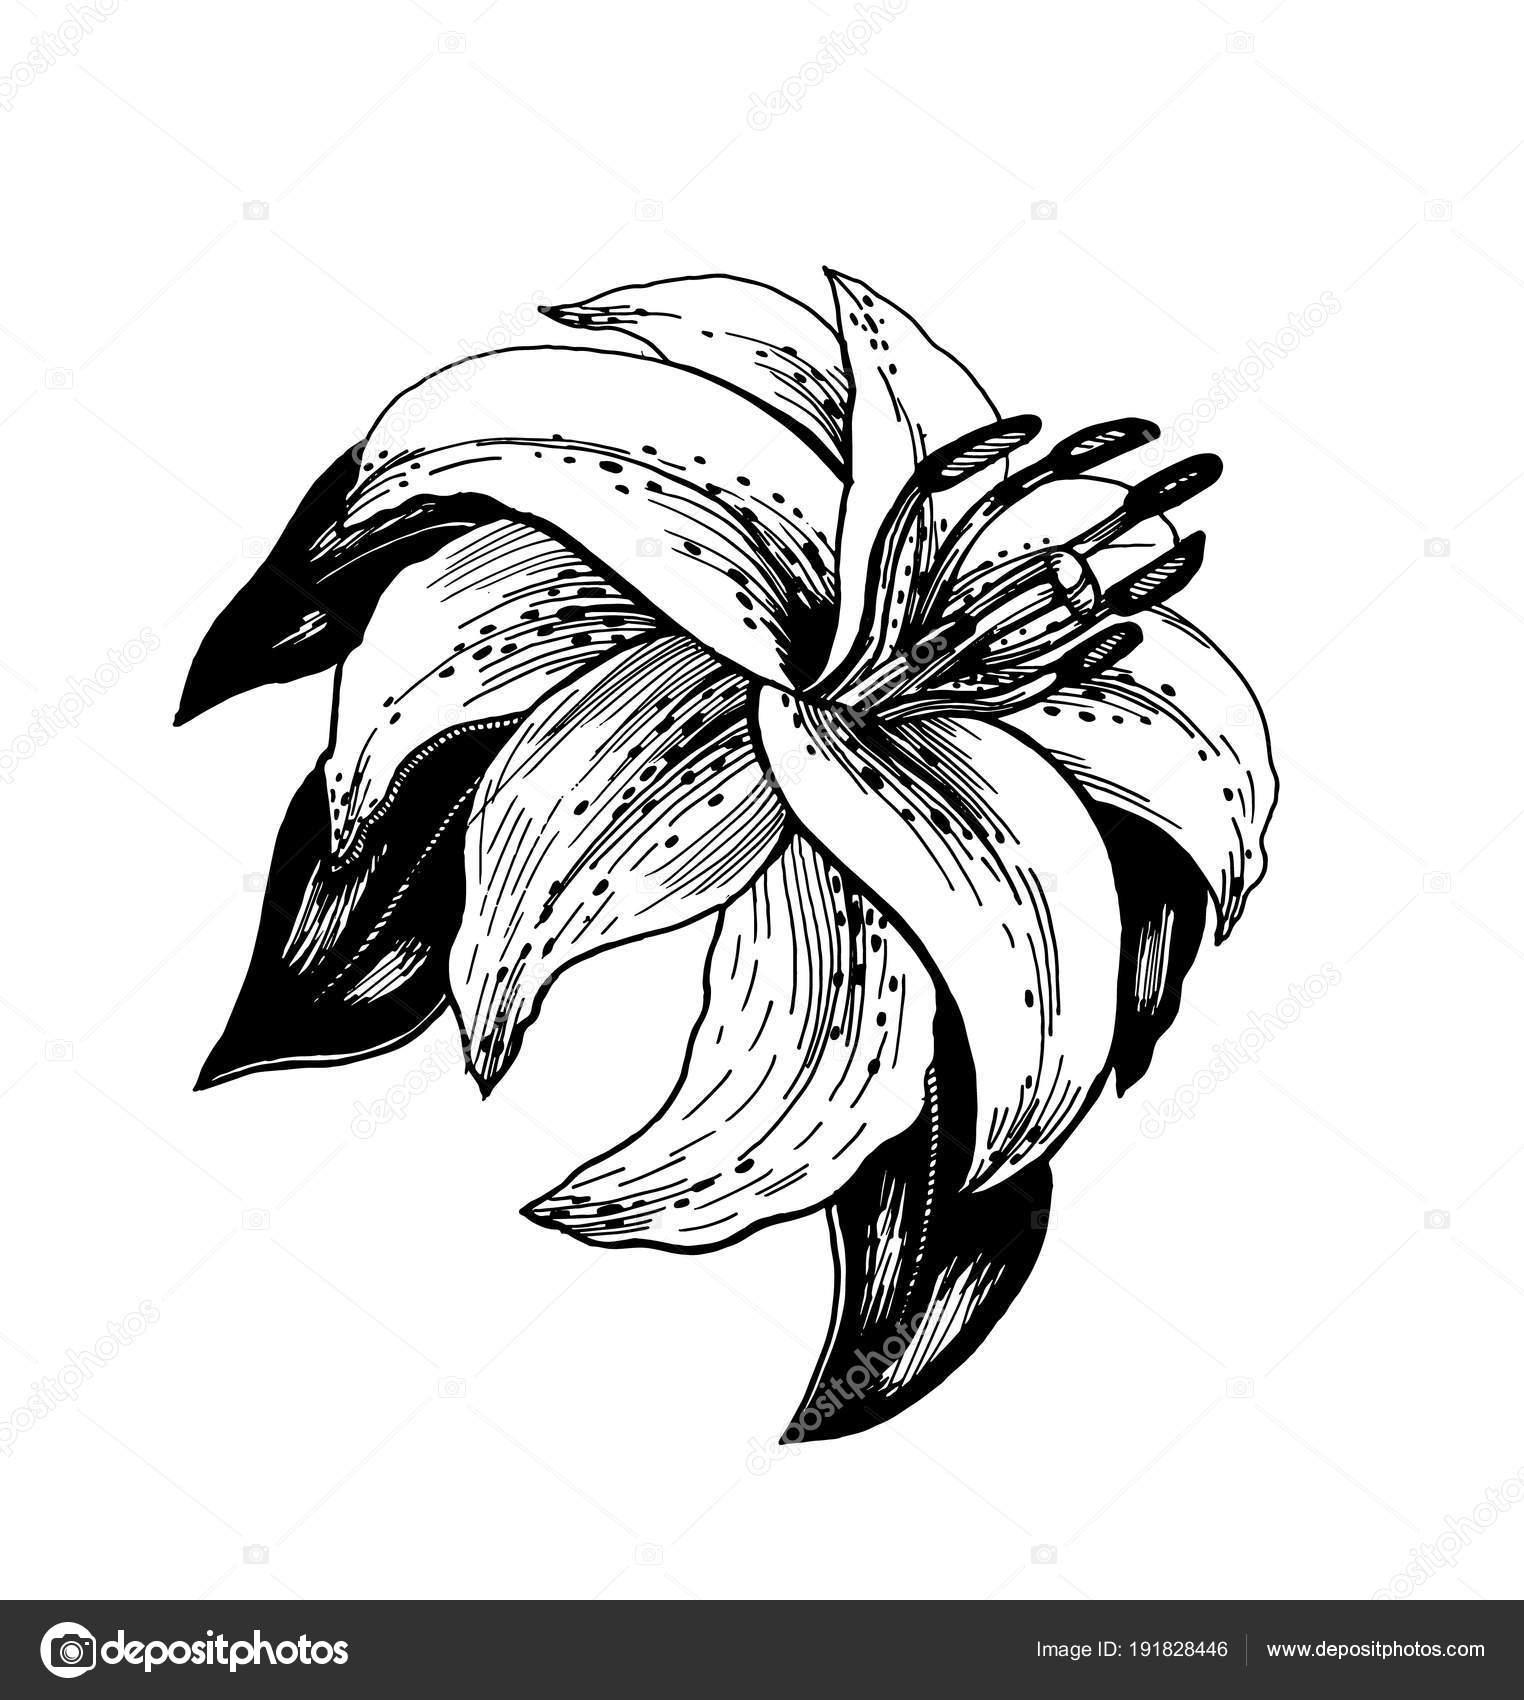 Dessin Realiste Une Fleur Avec Des Feuilles Style Art Deco Image